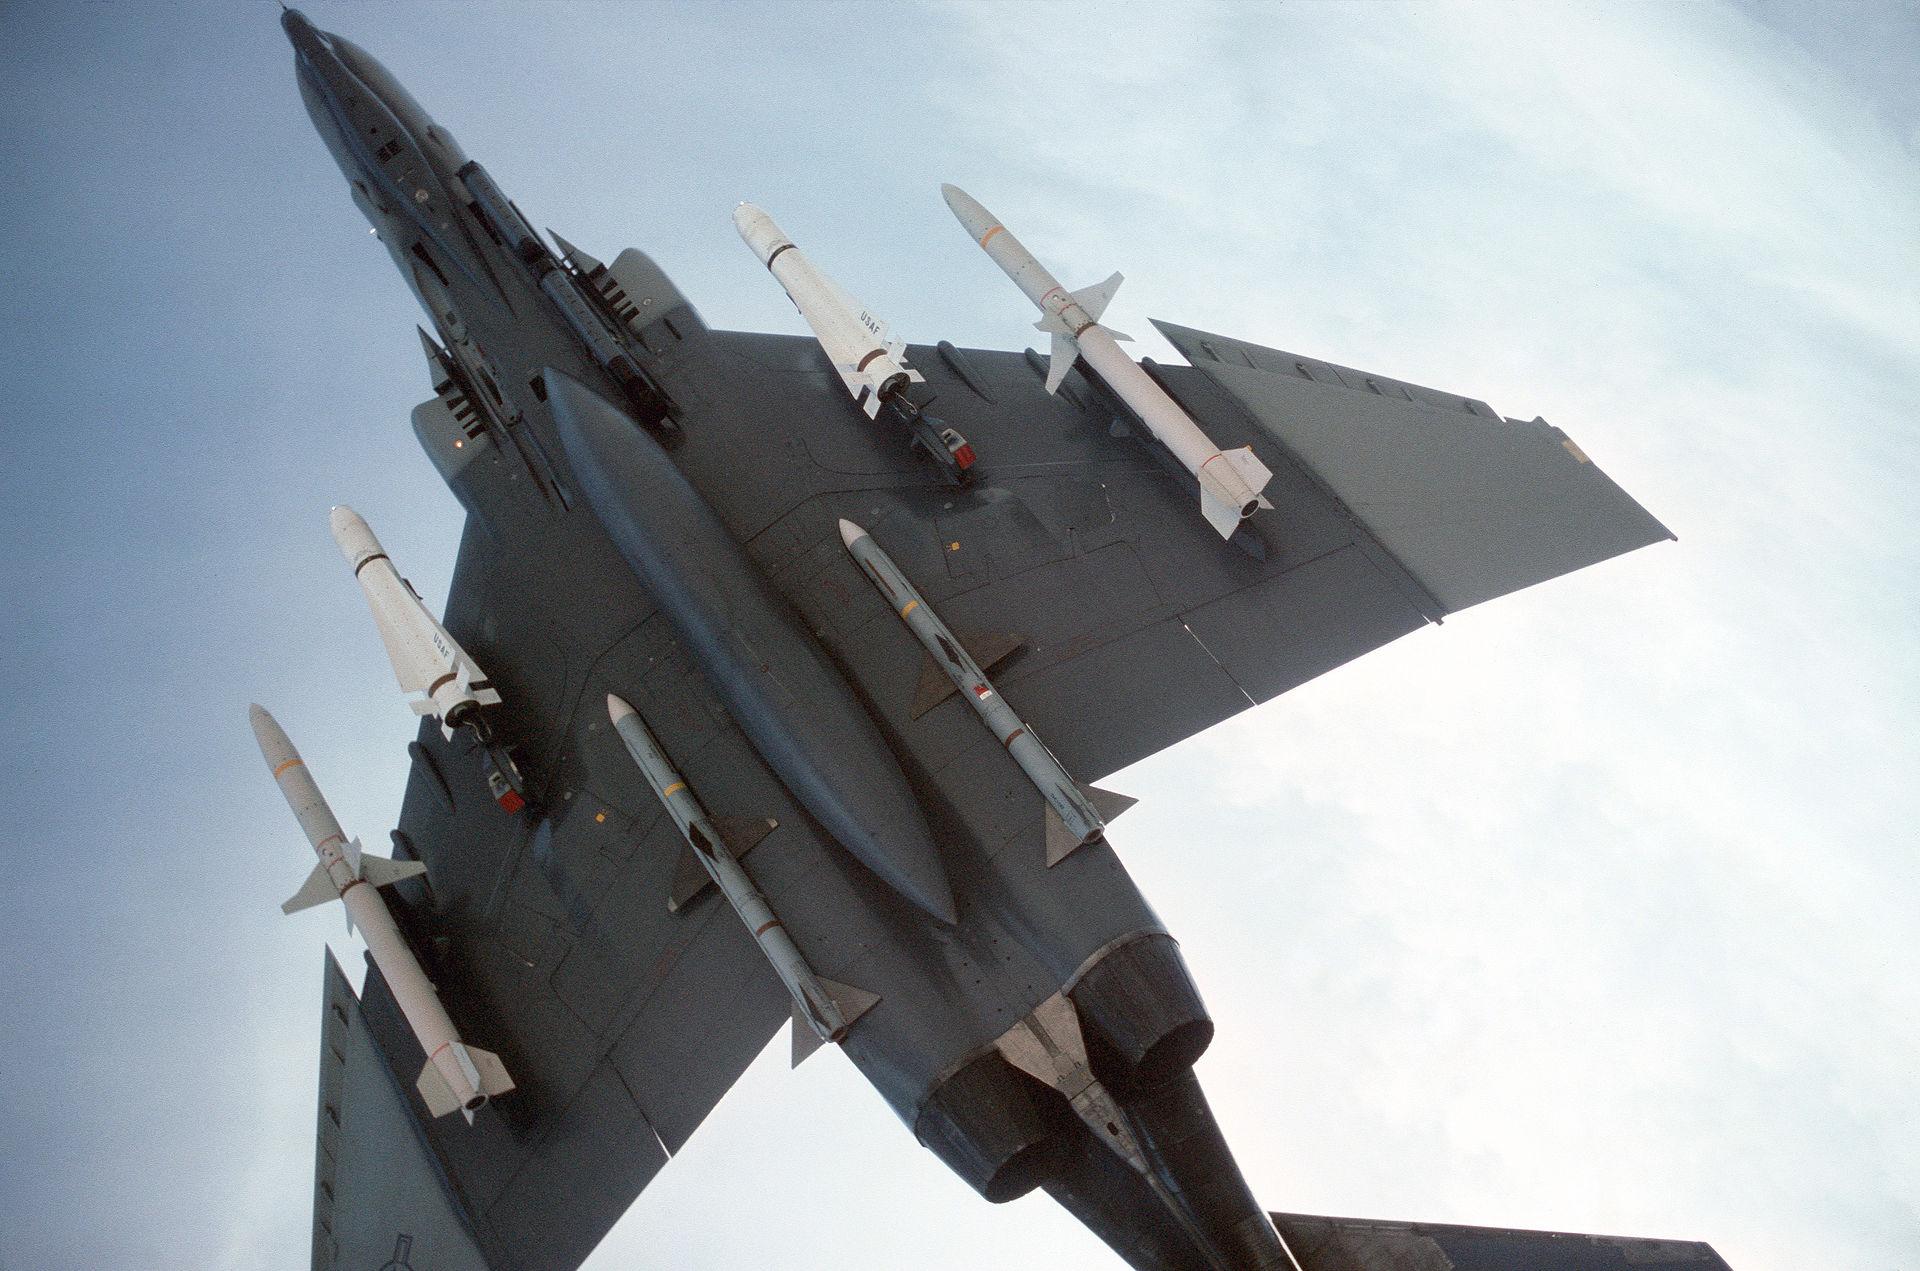 https://upload.wikimedia.org/wikipedia/commons/thumb/0/08/F-4G_37FW_AIM-7F_AGM-65A_AGM-88_1988.JPEG/1920px-F-4G_37FW_AIM-7F_AGM-65A_AGM-88_1988.JPEG